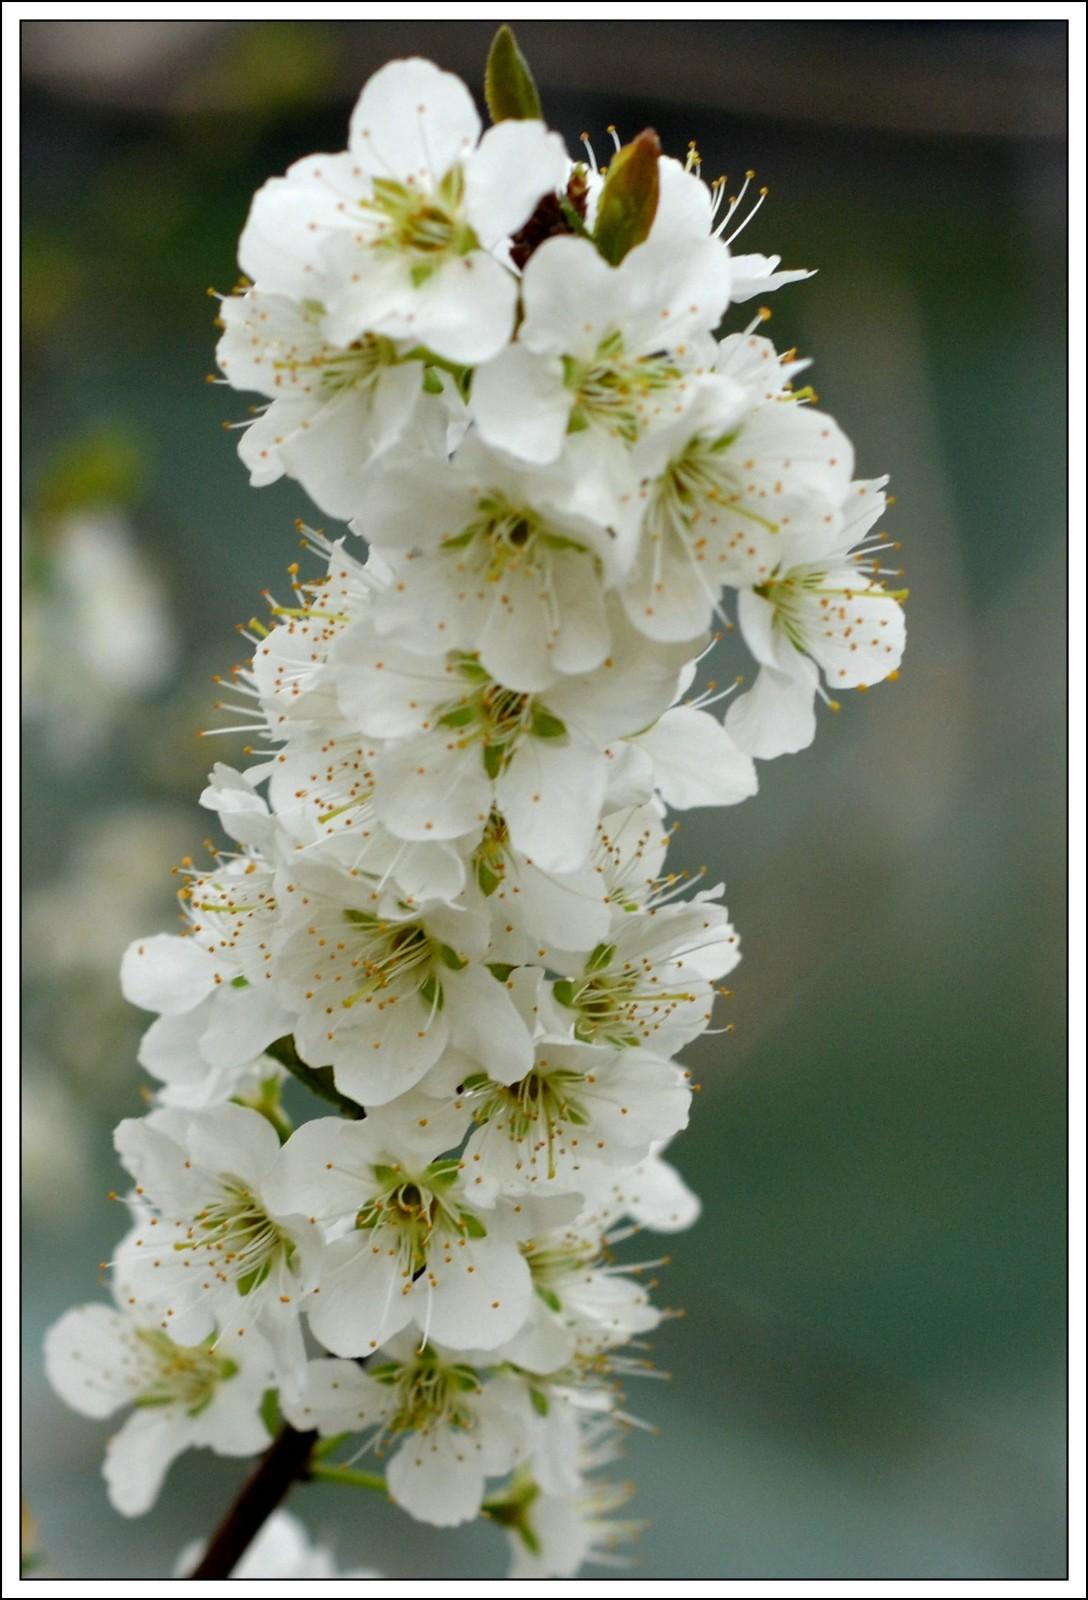 春分日小雨(七律)_图1-3